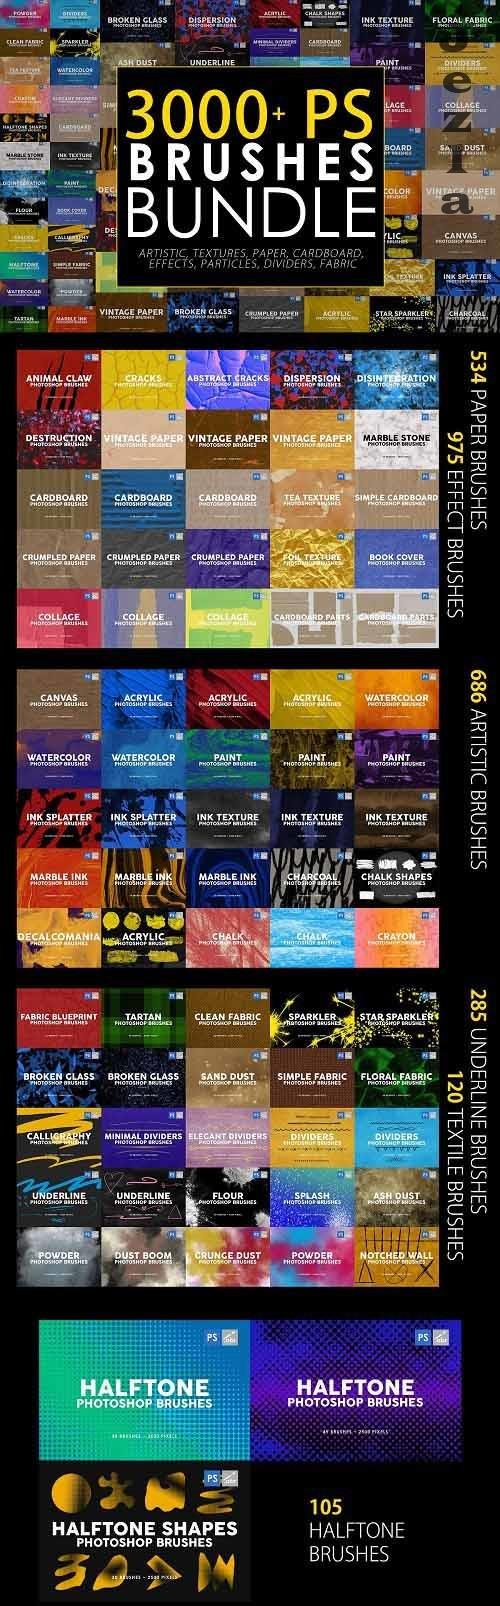 3000 Photoshop Stamp Brushes Bundle - 5657270 - (Part 1)